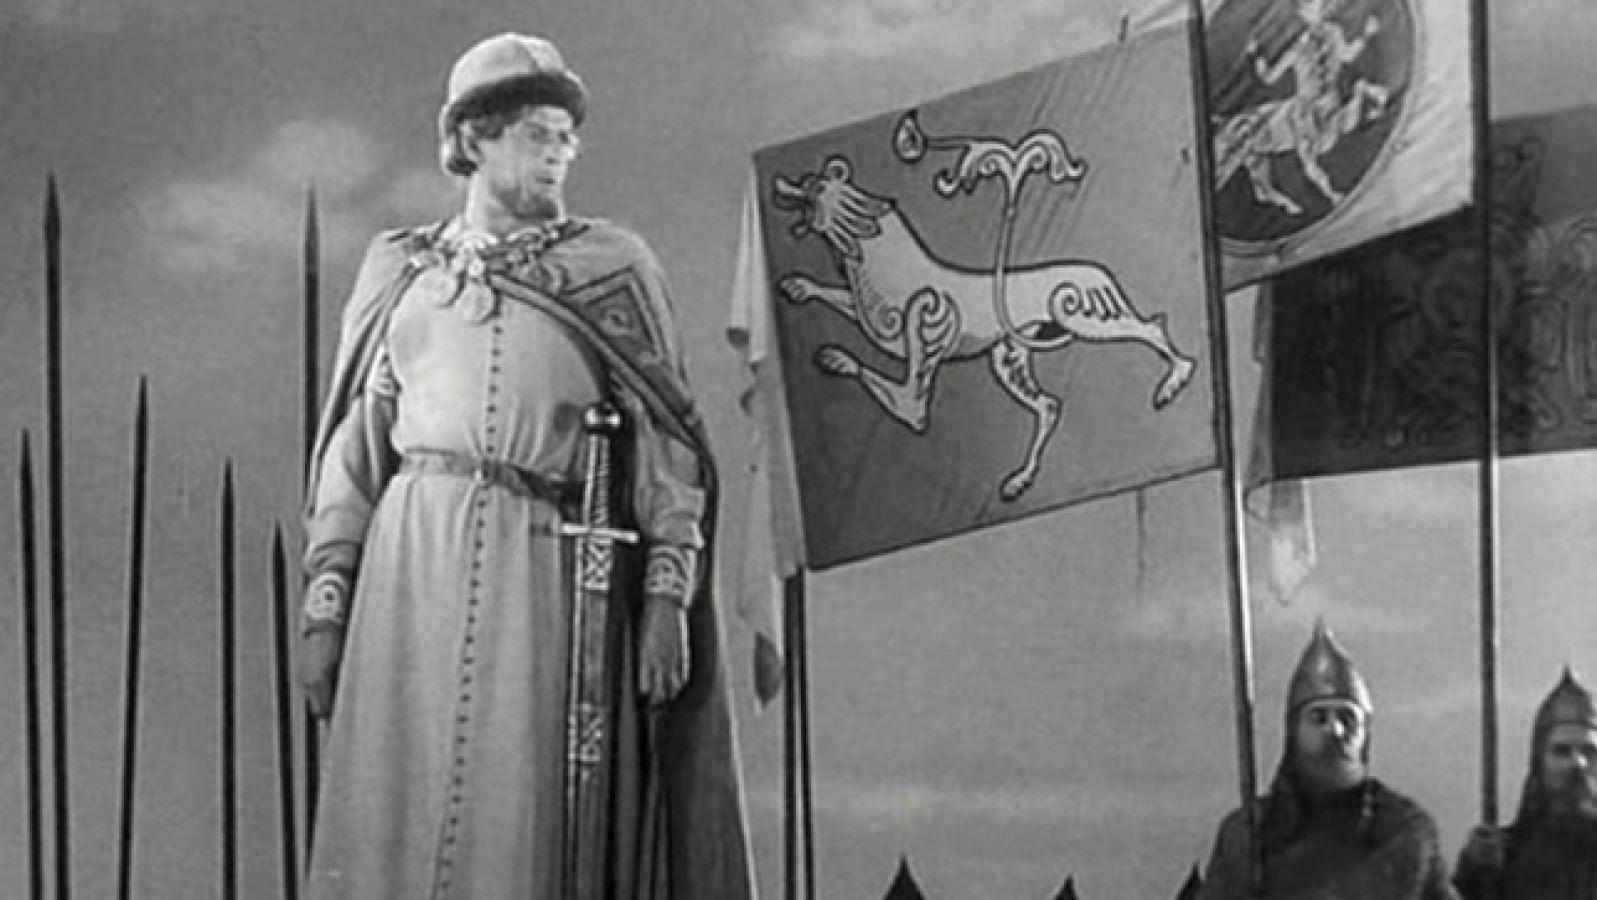 Кадры из фильма «Александр Невский». Сражение на Чудском озере.